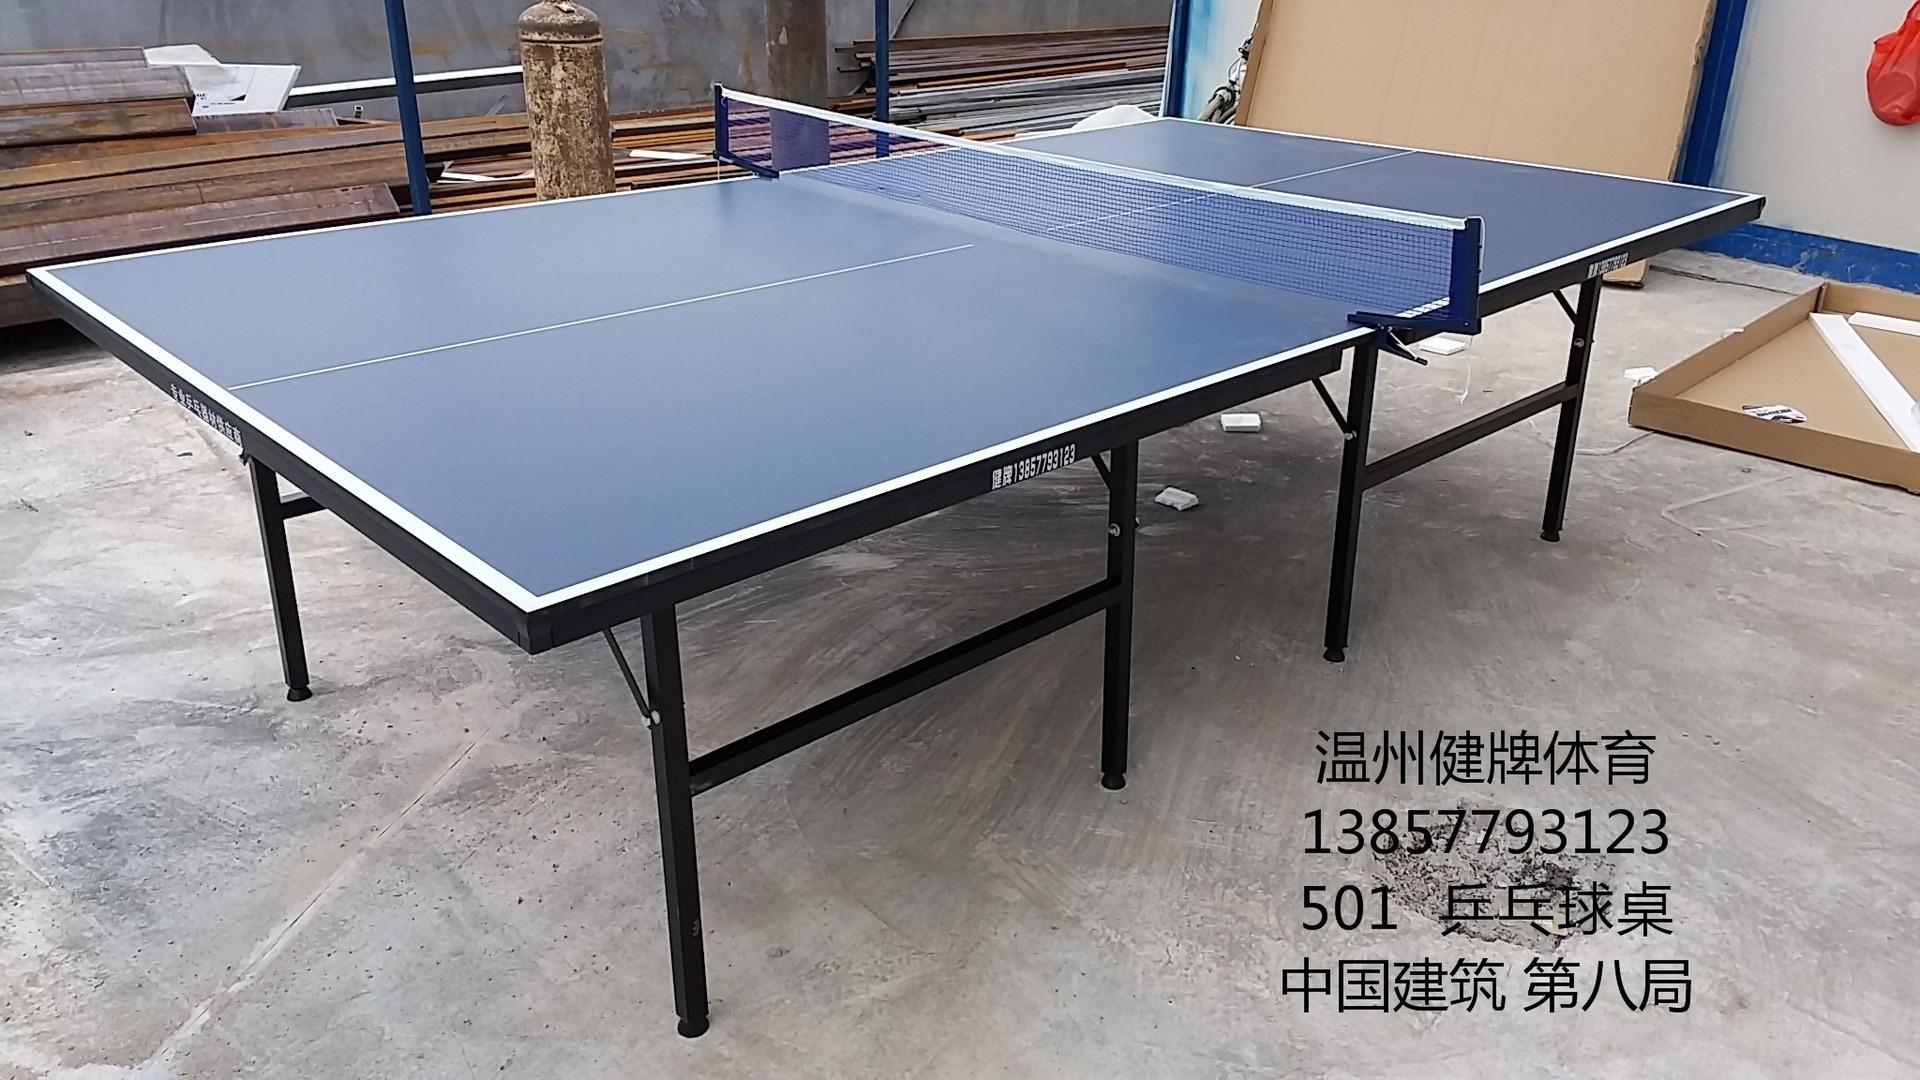 乒乓球桌乒乓球台标准室内家用乒乓球台价格批发